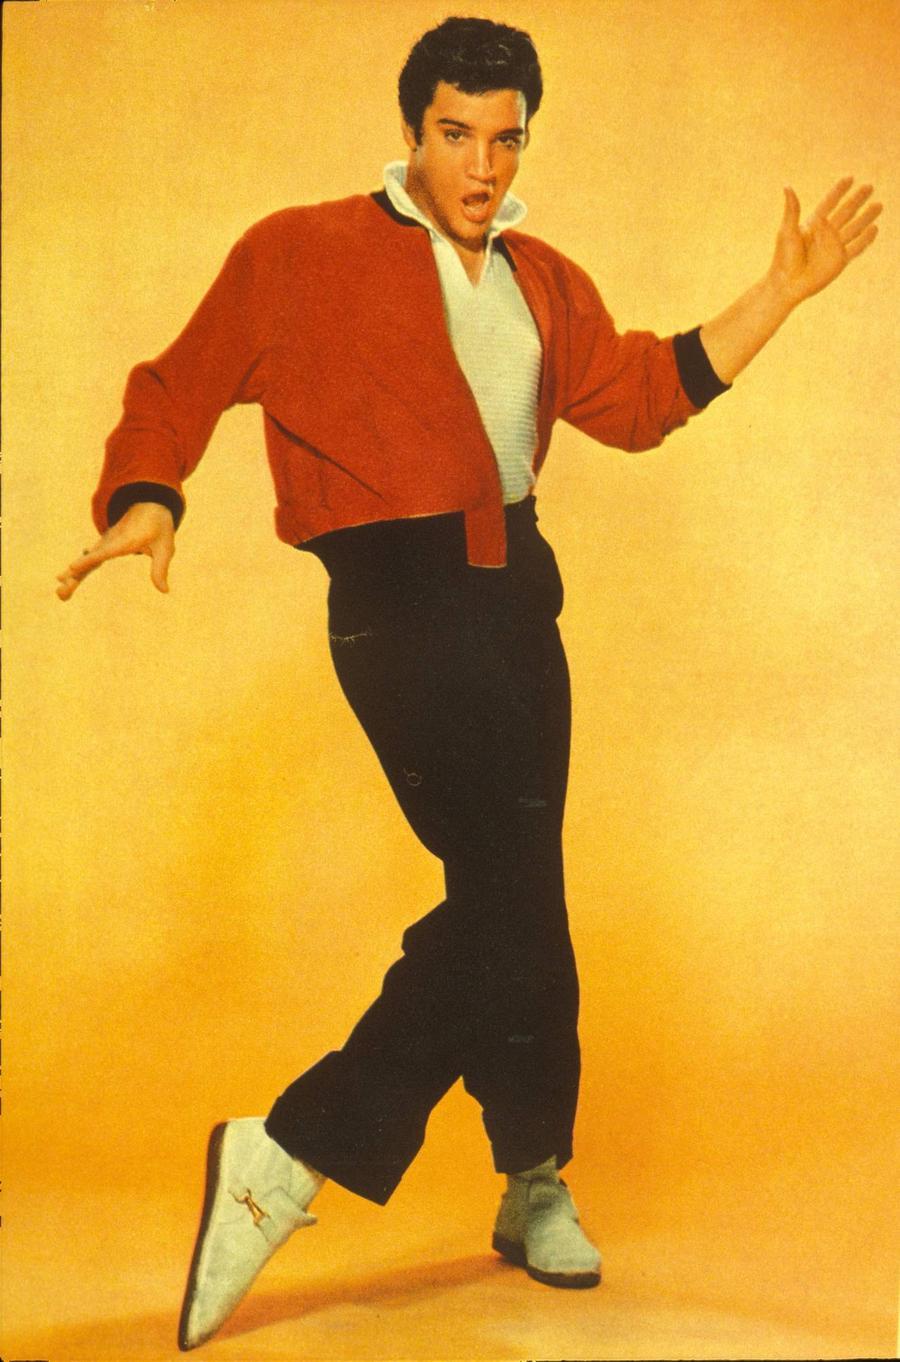 Elvis Presley's Longtime Guitarist Scotty Moore Dies